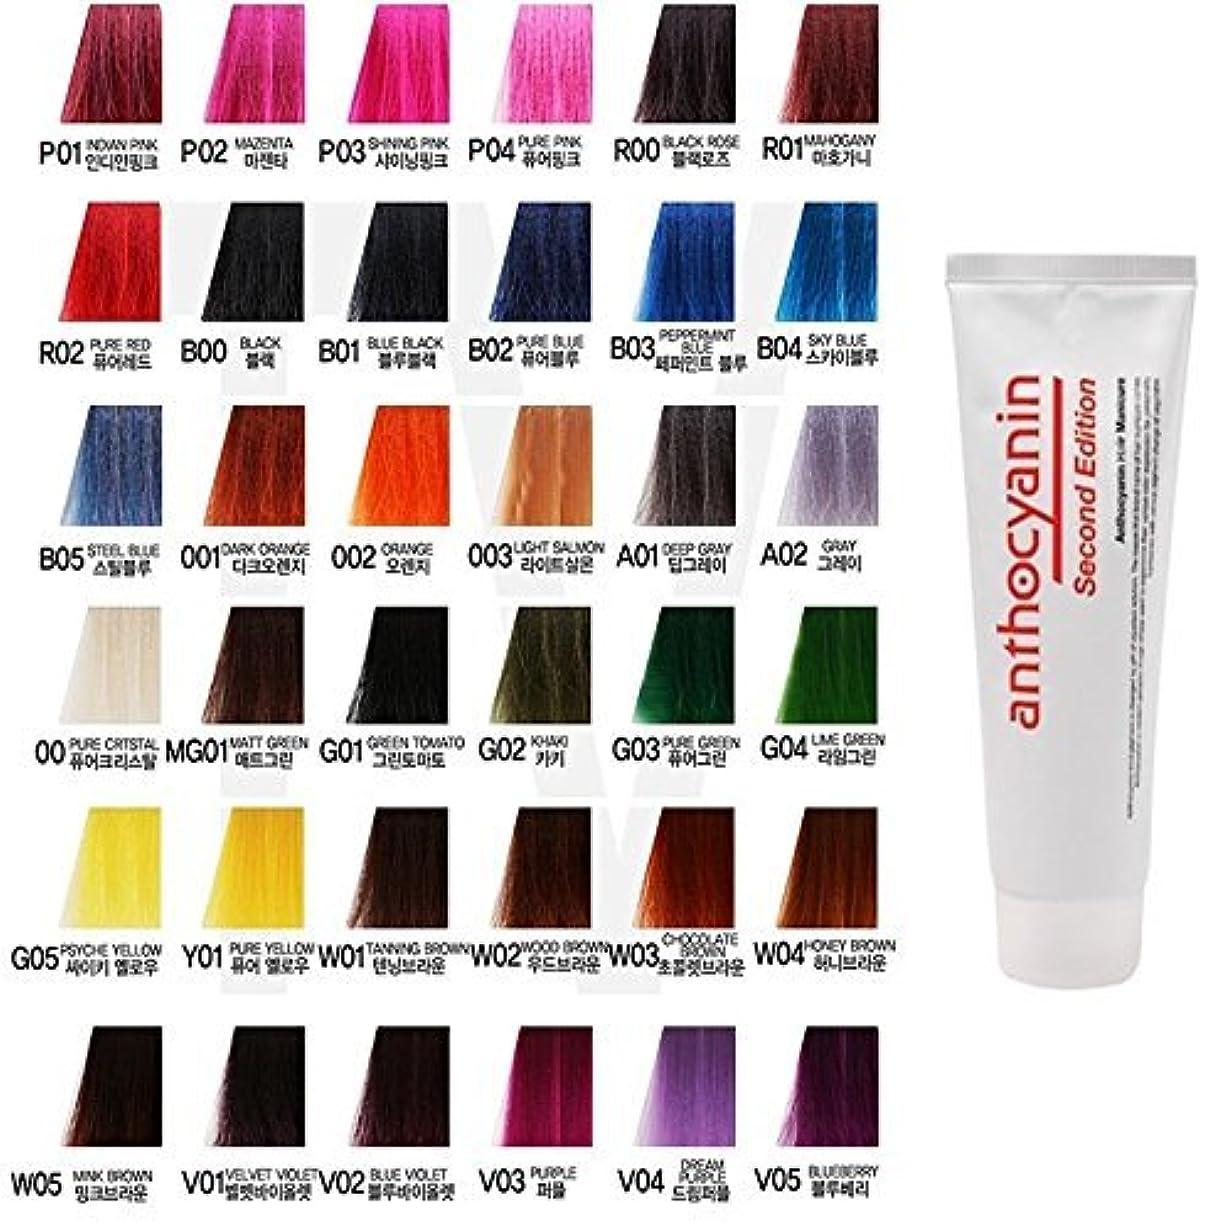 吸収剤準備宗教ヘア マニキュア カラー セカンド エディション 230g セミ パーマネント 染毛剤 ( Hair Manicure Color Second Edition 230g Semi Permanent Hair Dye) [並行輸入品] (O02 Orange)